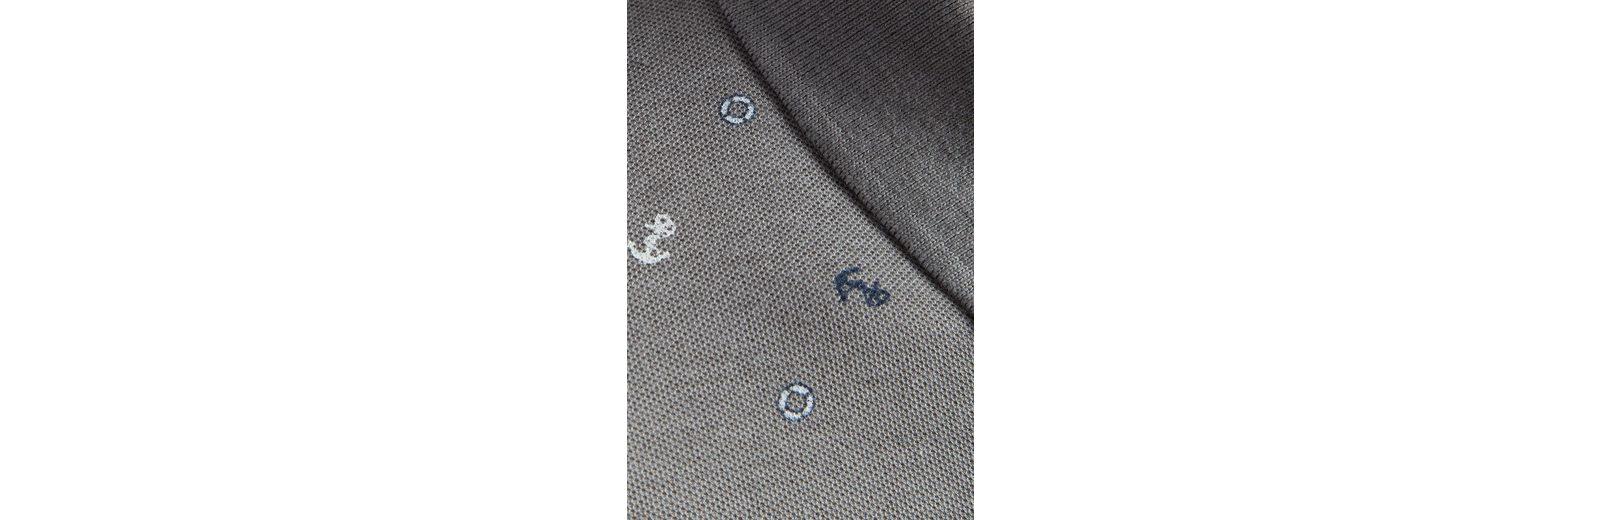 Spielraum Versorgung Finn Flare Poloshirt mit Alloverprint Verkauf Günstig Online Bester Günstiger Preis 2b3l0